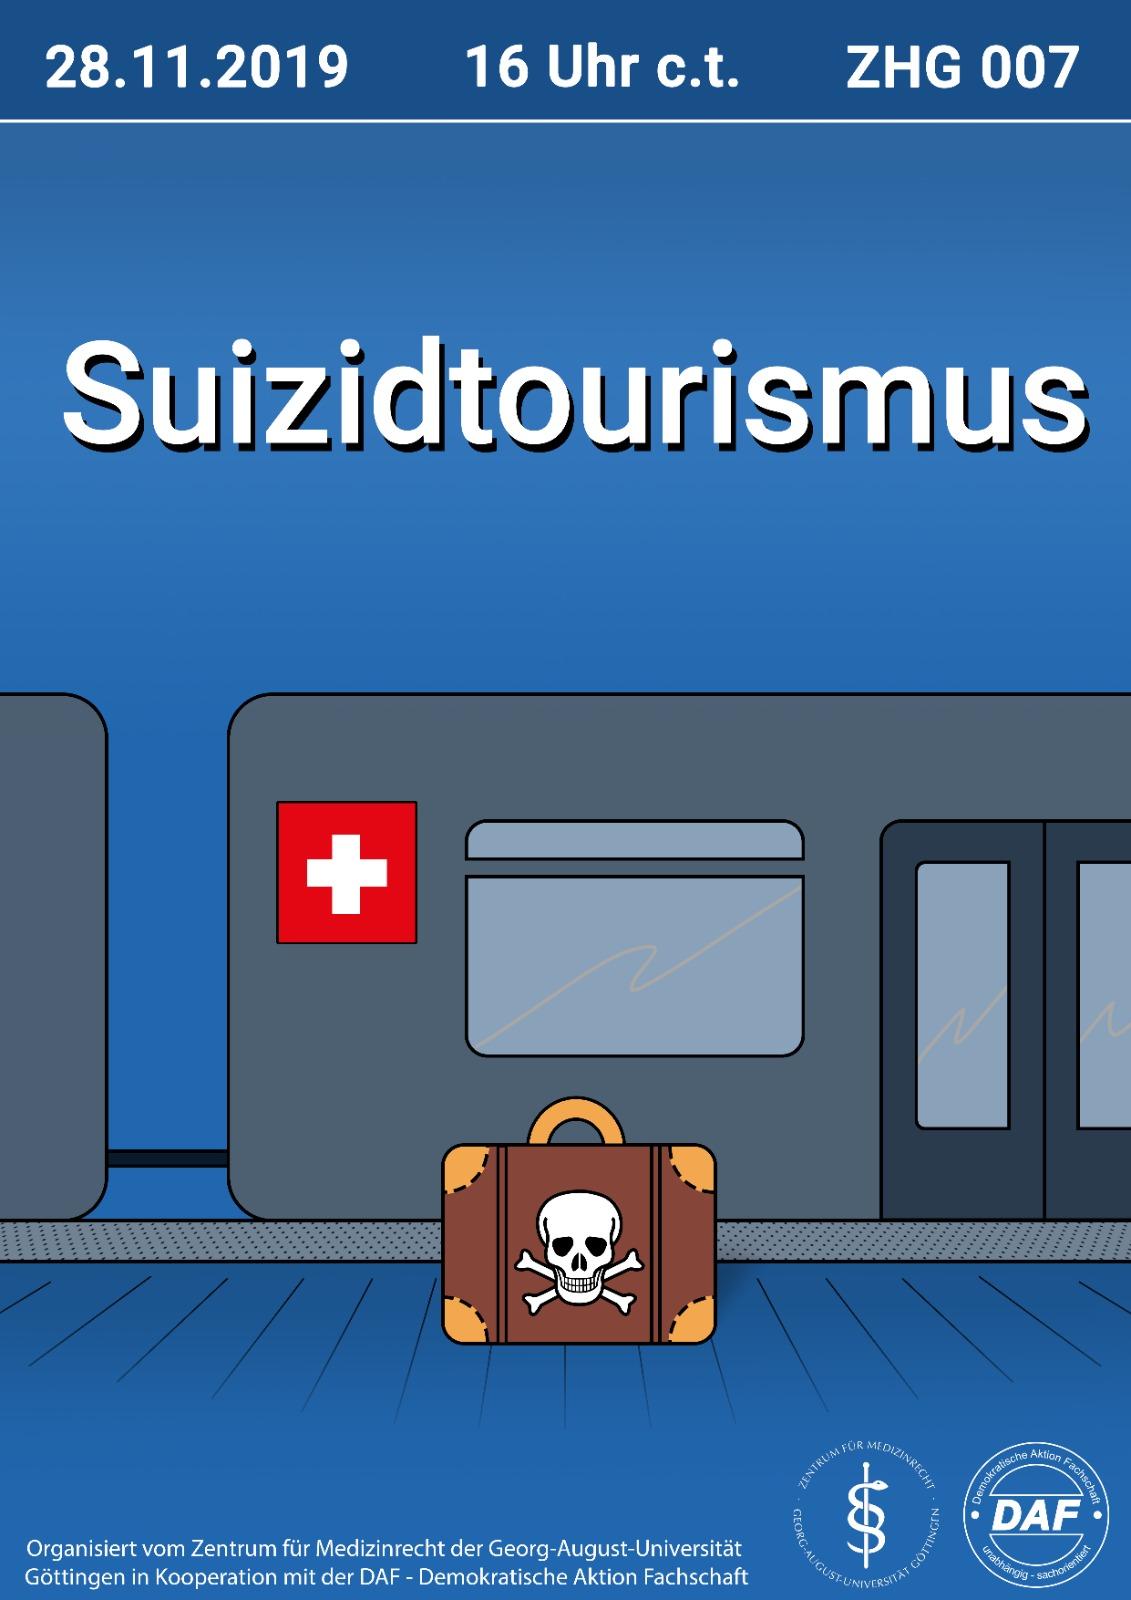 Suizidtourismus Poster.jpeg